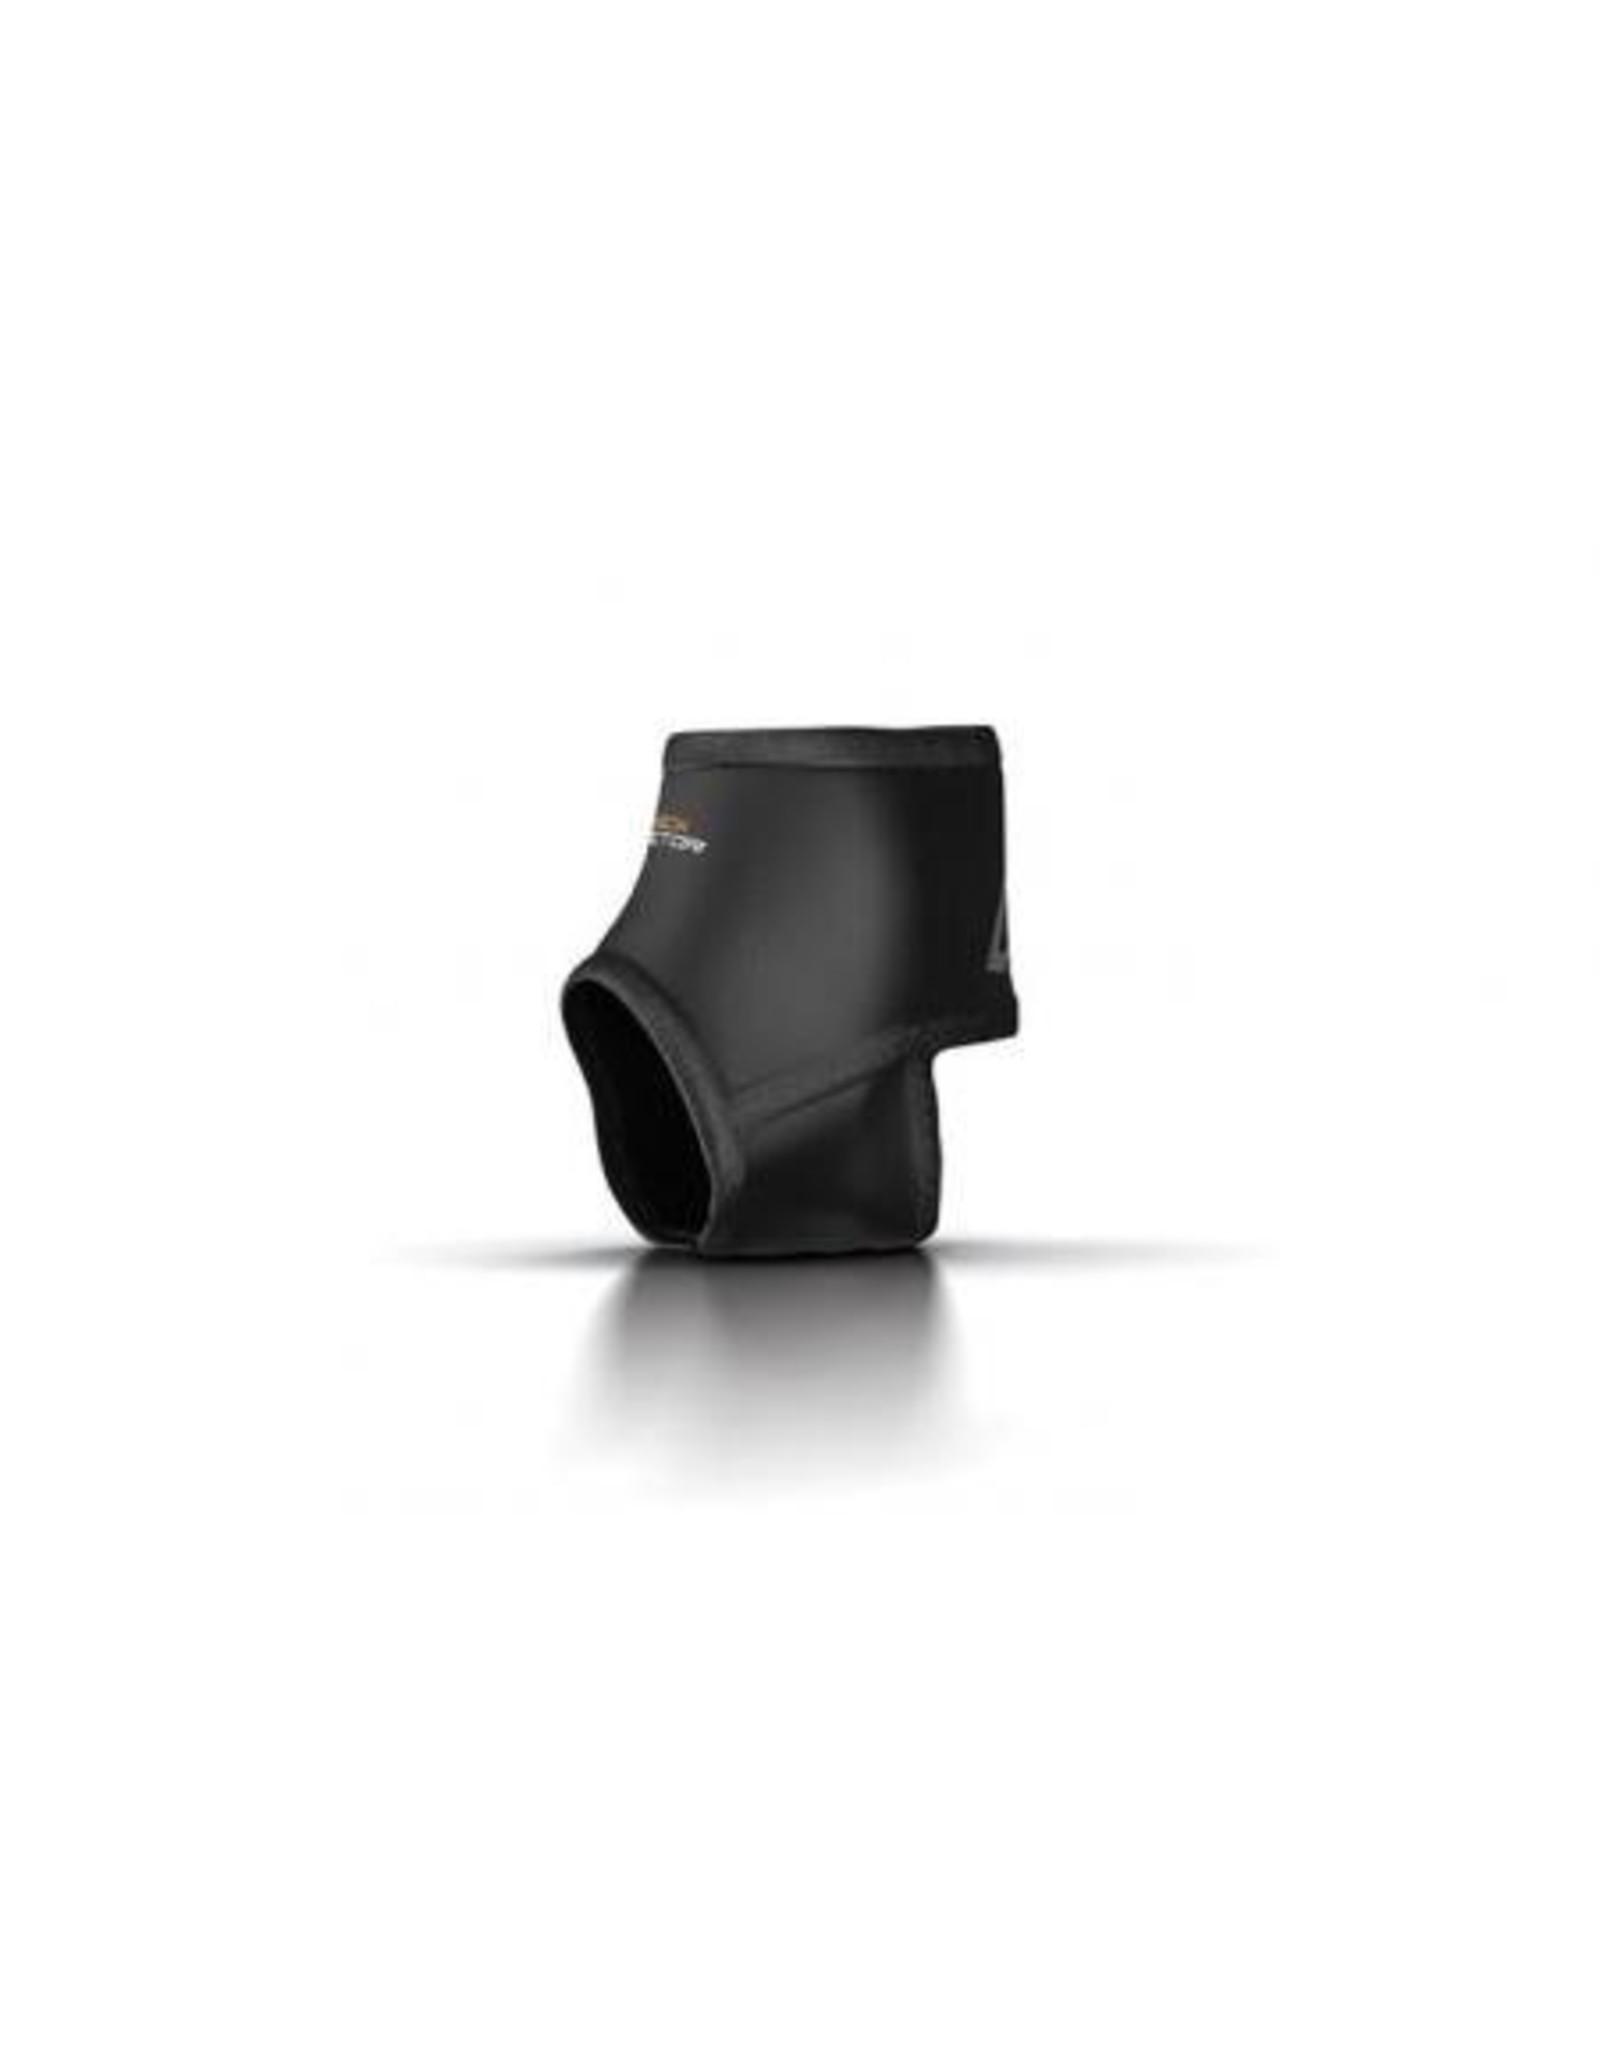 Shockdoctor Shockdoctor Ankle Sleeve fit